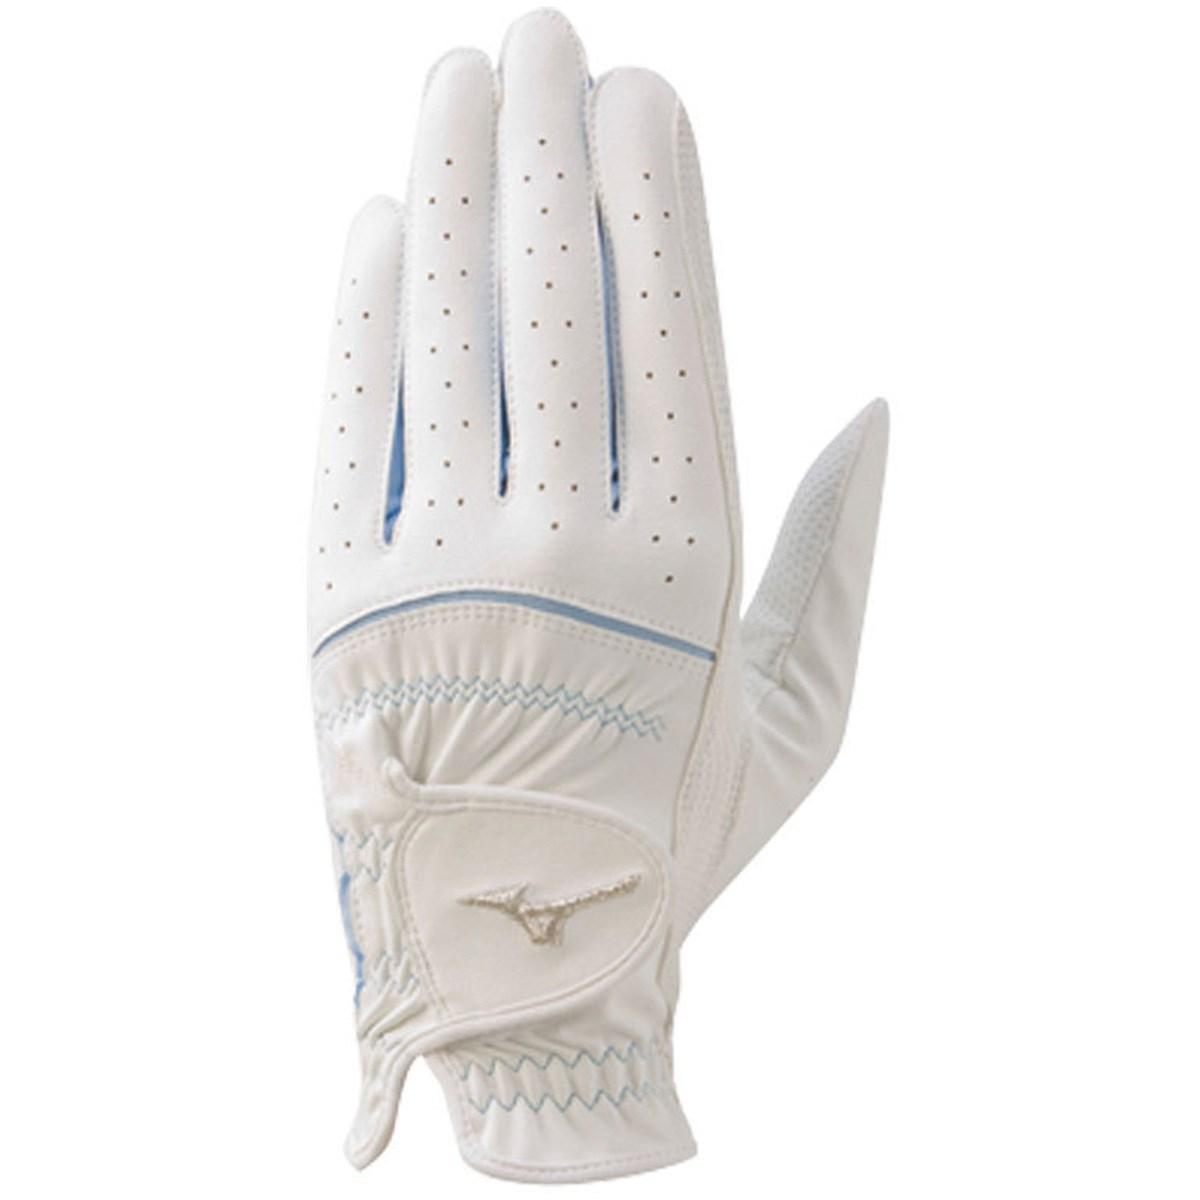 ミズノ MIZUNO efil グローブ 45GH93110 10枚セット 19cm 左手着用(右利き用) ホワイト/サックス レディス